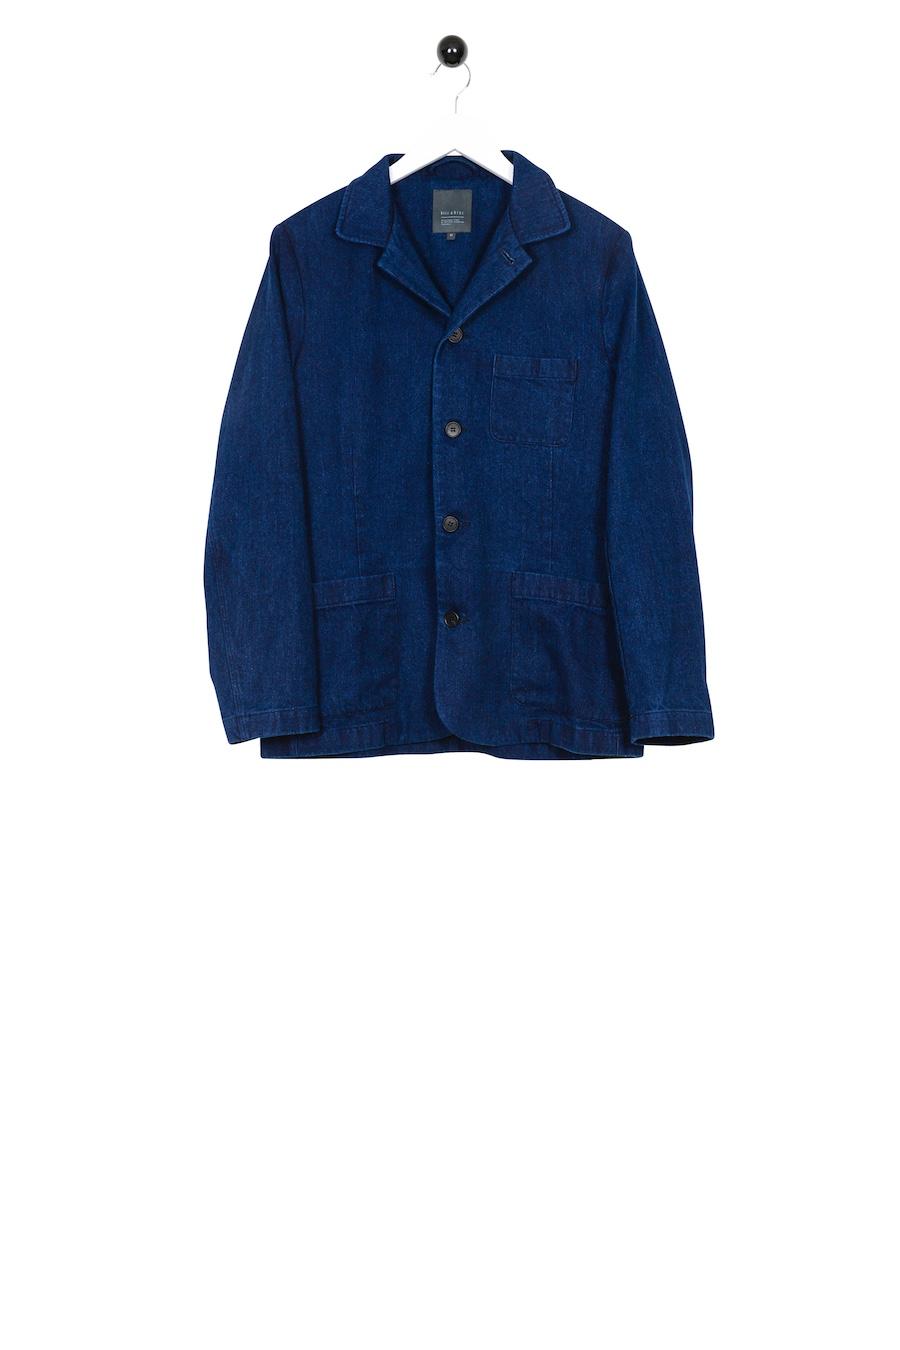 Kobolt Jacket